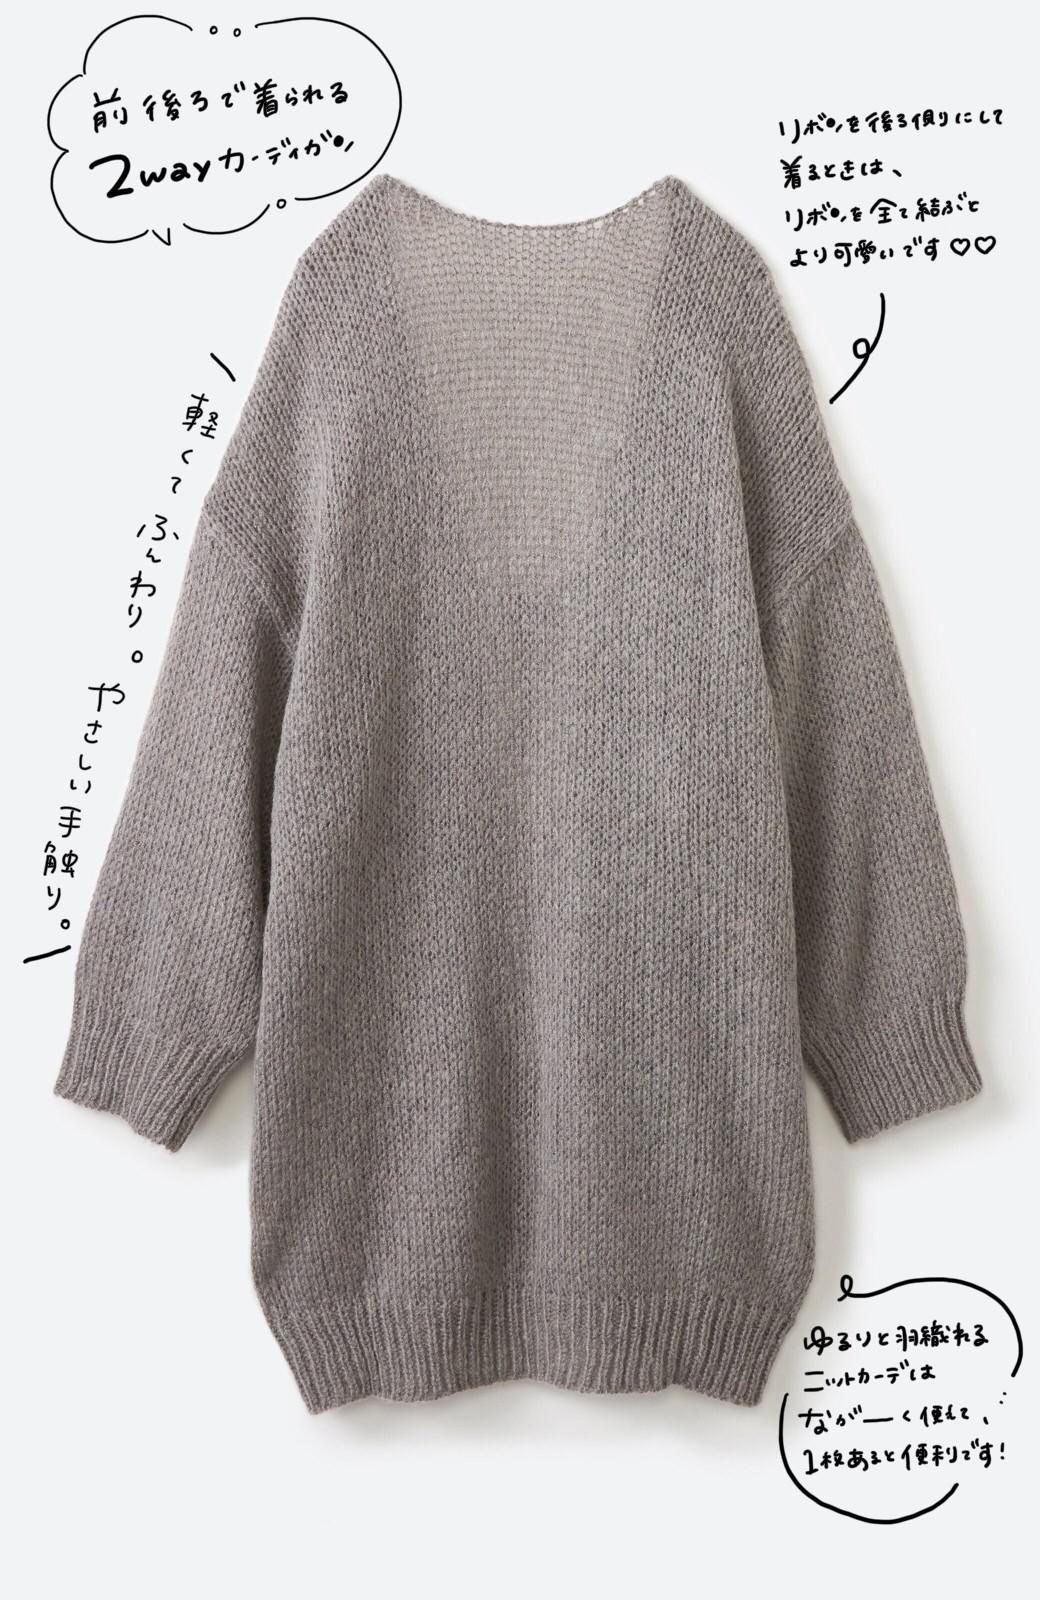 haco! ゆるゆるゆる編みで軽やかにかわいくなれる 前後ろ2WAYカーディガン <杢グレー>の商品写真3